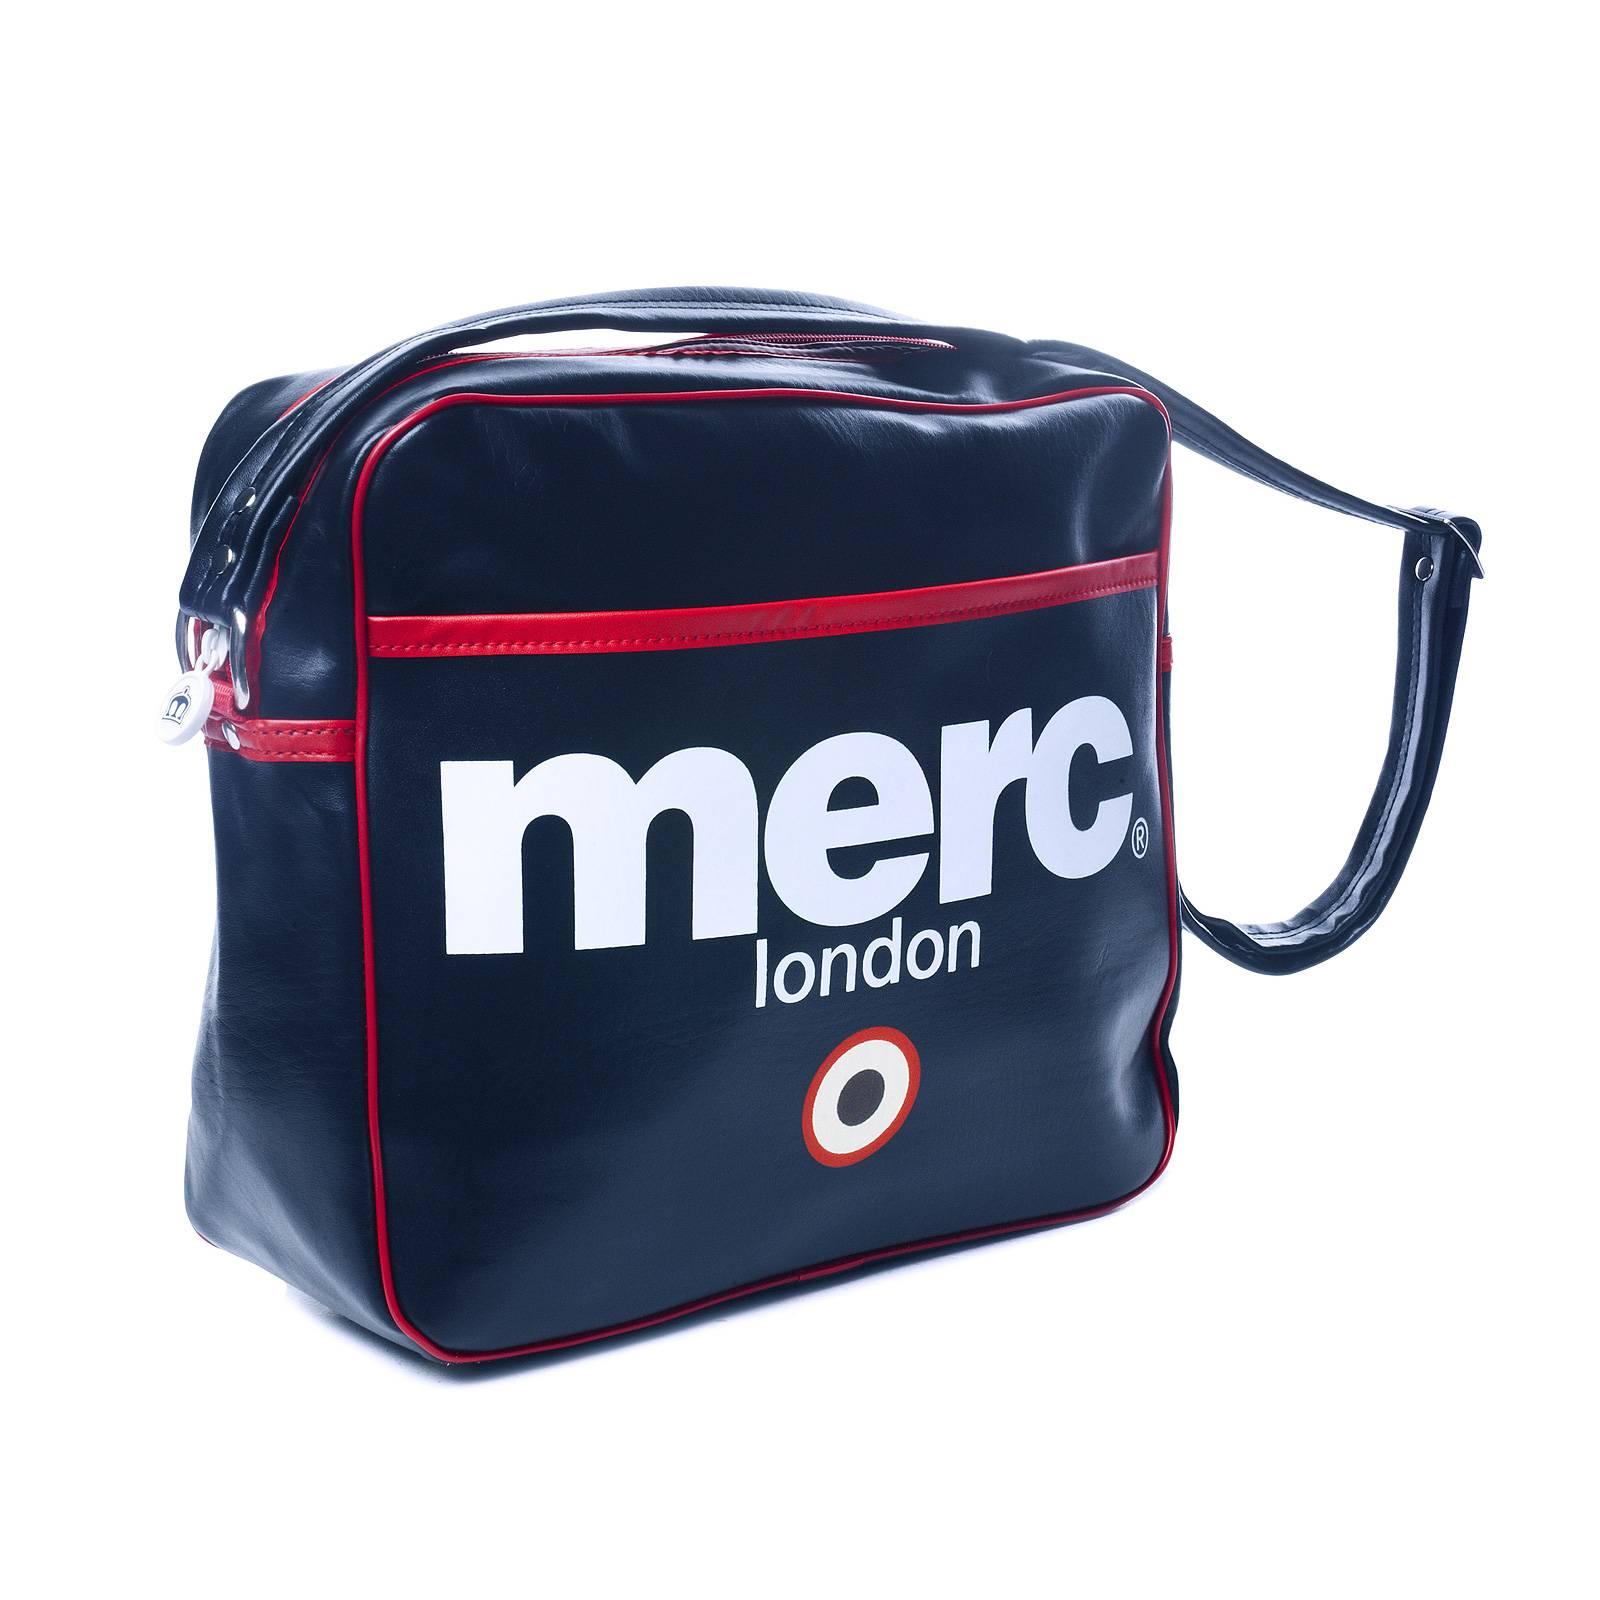 Сумка AirlineАксессуары<br>Виниловая сумка-почтальонка c контрастным фирменным логотипом и символом mod-движения - &amp;amp;quot;таргетом&amp;amp;quot;. Имеет внутреннее отделение на молнии для мелочей. Регулируемый по длине ремень позволяет носить ее на плече или продевать через голову, освобождая руки. Ширина 30см х высота 26см х глубина 10см. Сумка свободно вмещает папки и блокноты формата А4. Является аксессуаром унисекс, отлично вписываясь как в мужской, так и в женский спортивный или кэжуальнй гардероб.<br><br>Артикул: 1004107<br>Материал: 100% полиуретан<br>Цвет: синий<br>Пол: Унисекс